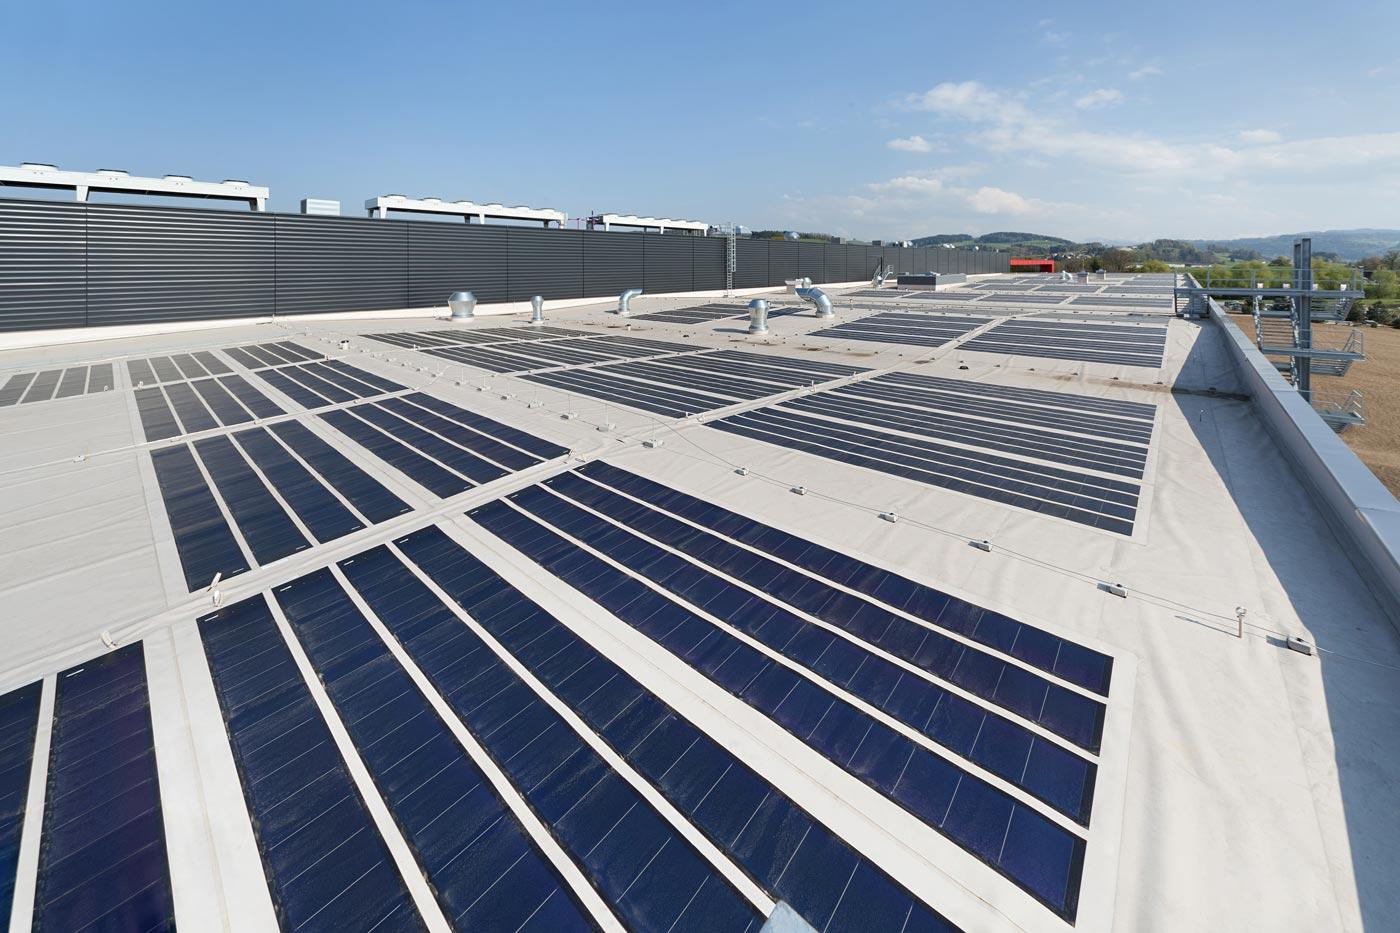 photovoltaik, kollektoren, sonnenengergie, flachdach, spenglerarbeiten, metallbau, blitzschutz